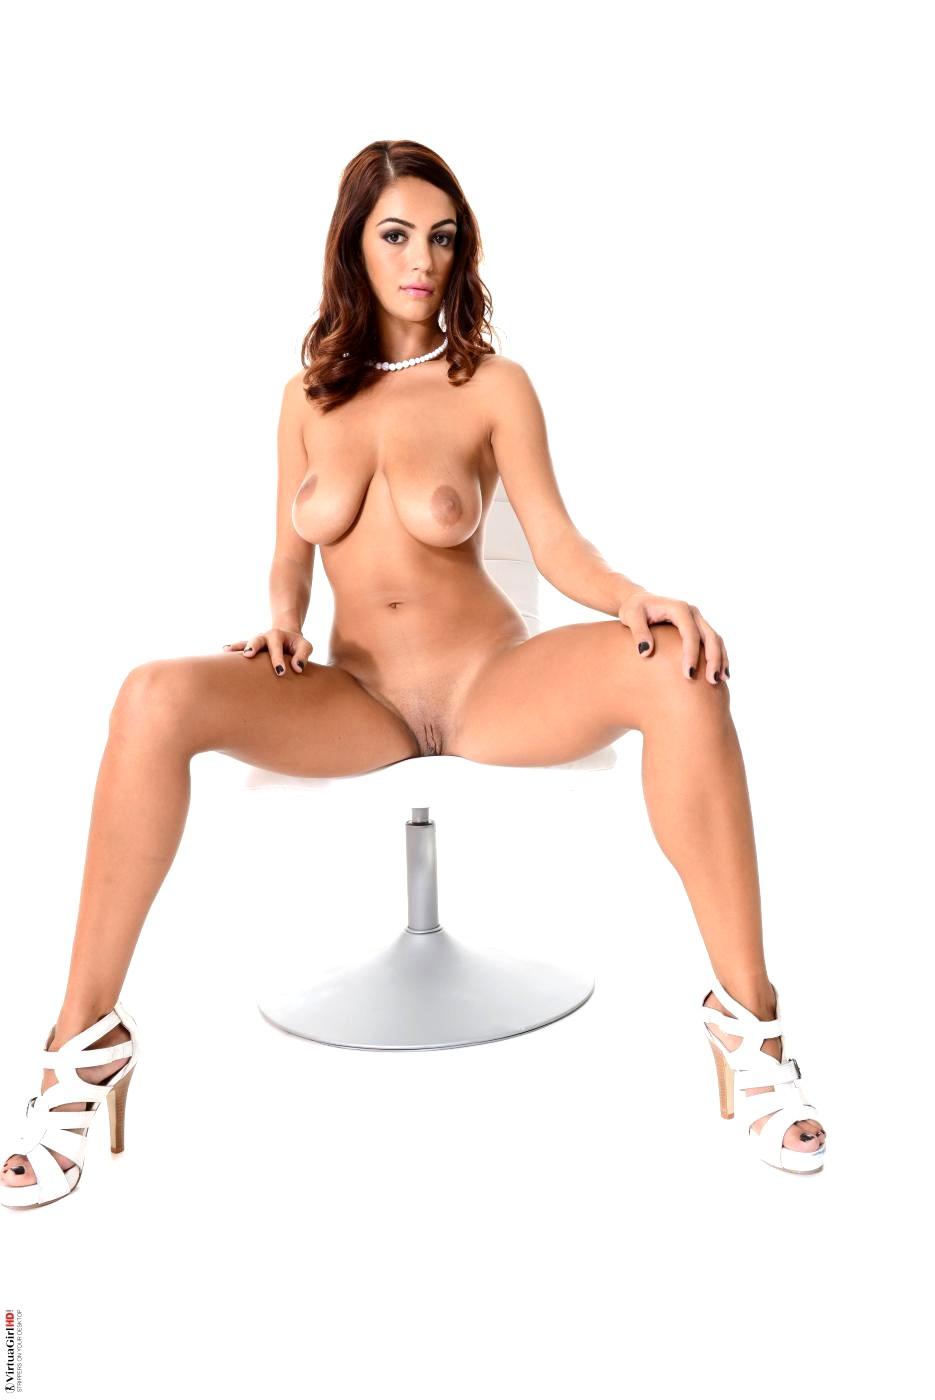 virtual-nude-babesd-free-anl-fisting-movies